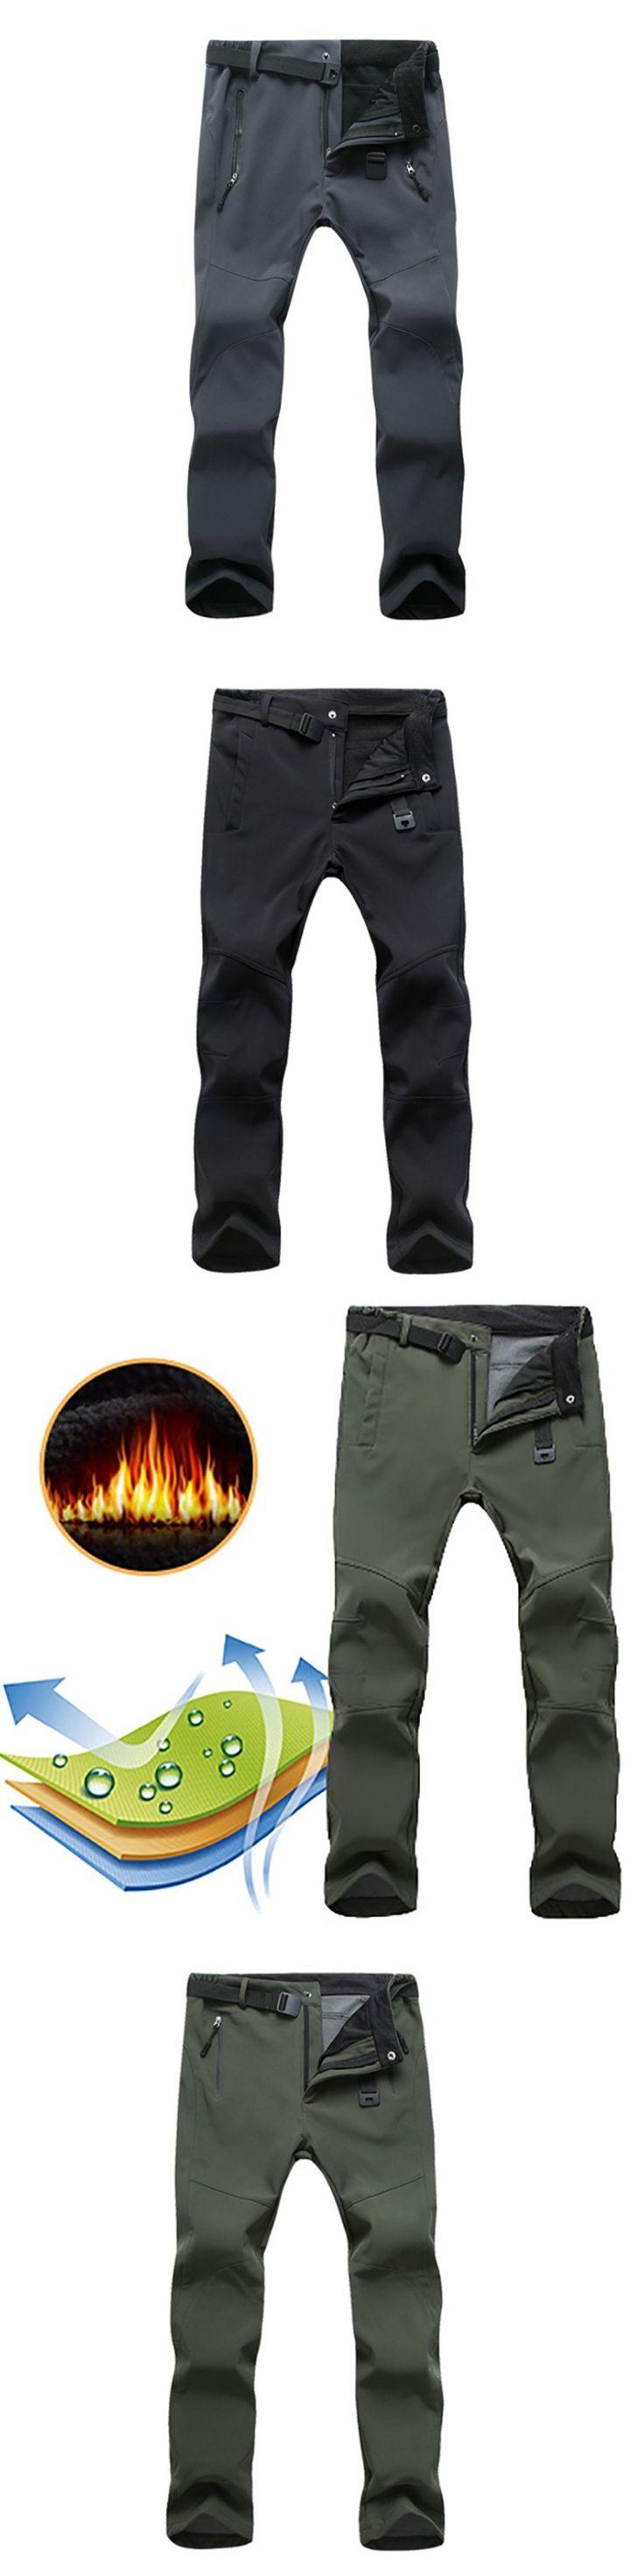 New Men Winter Warm Pants Waterproof Casual Fleece Shark Skin Softshell Trousers Windproof Men's Work Pants